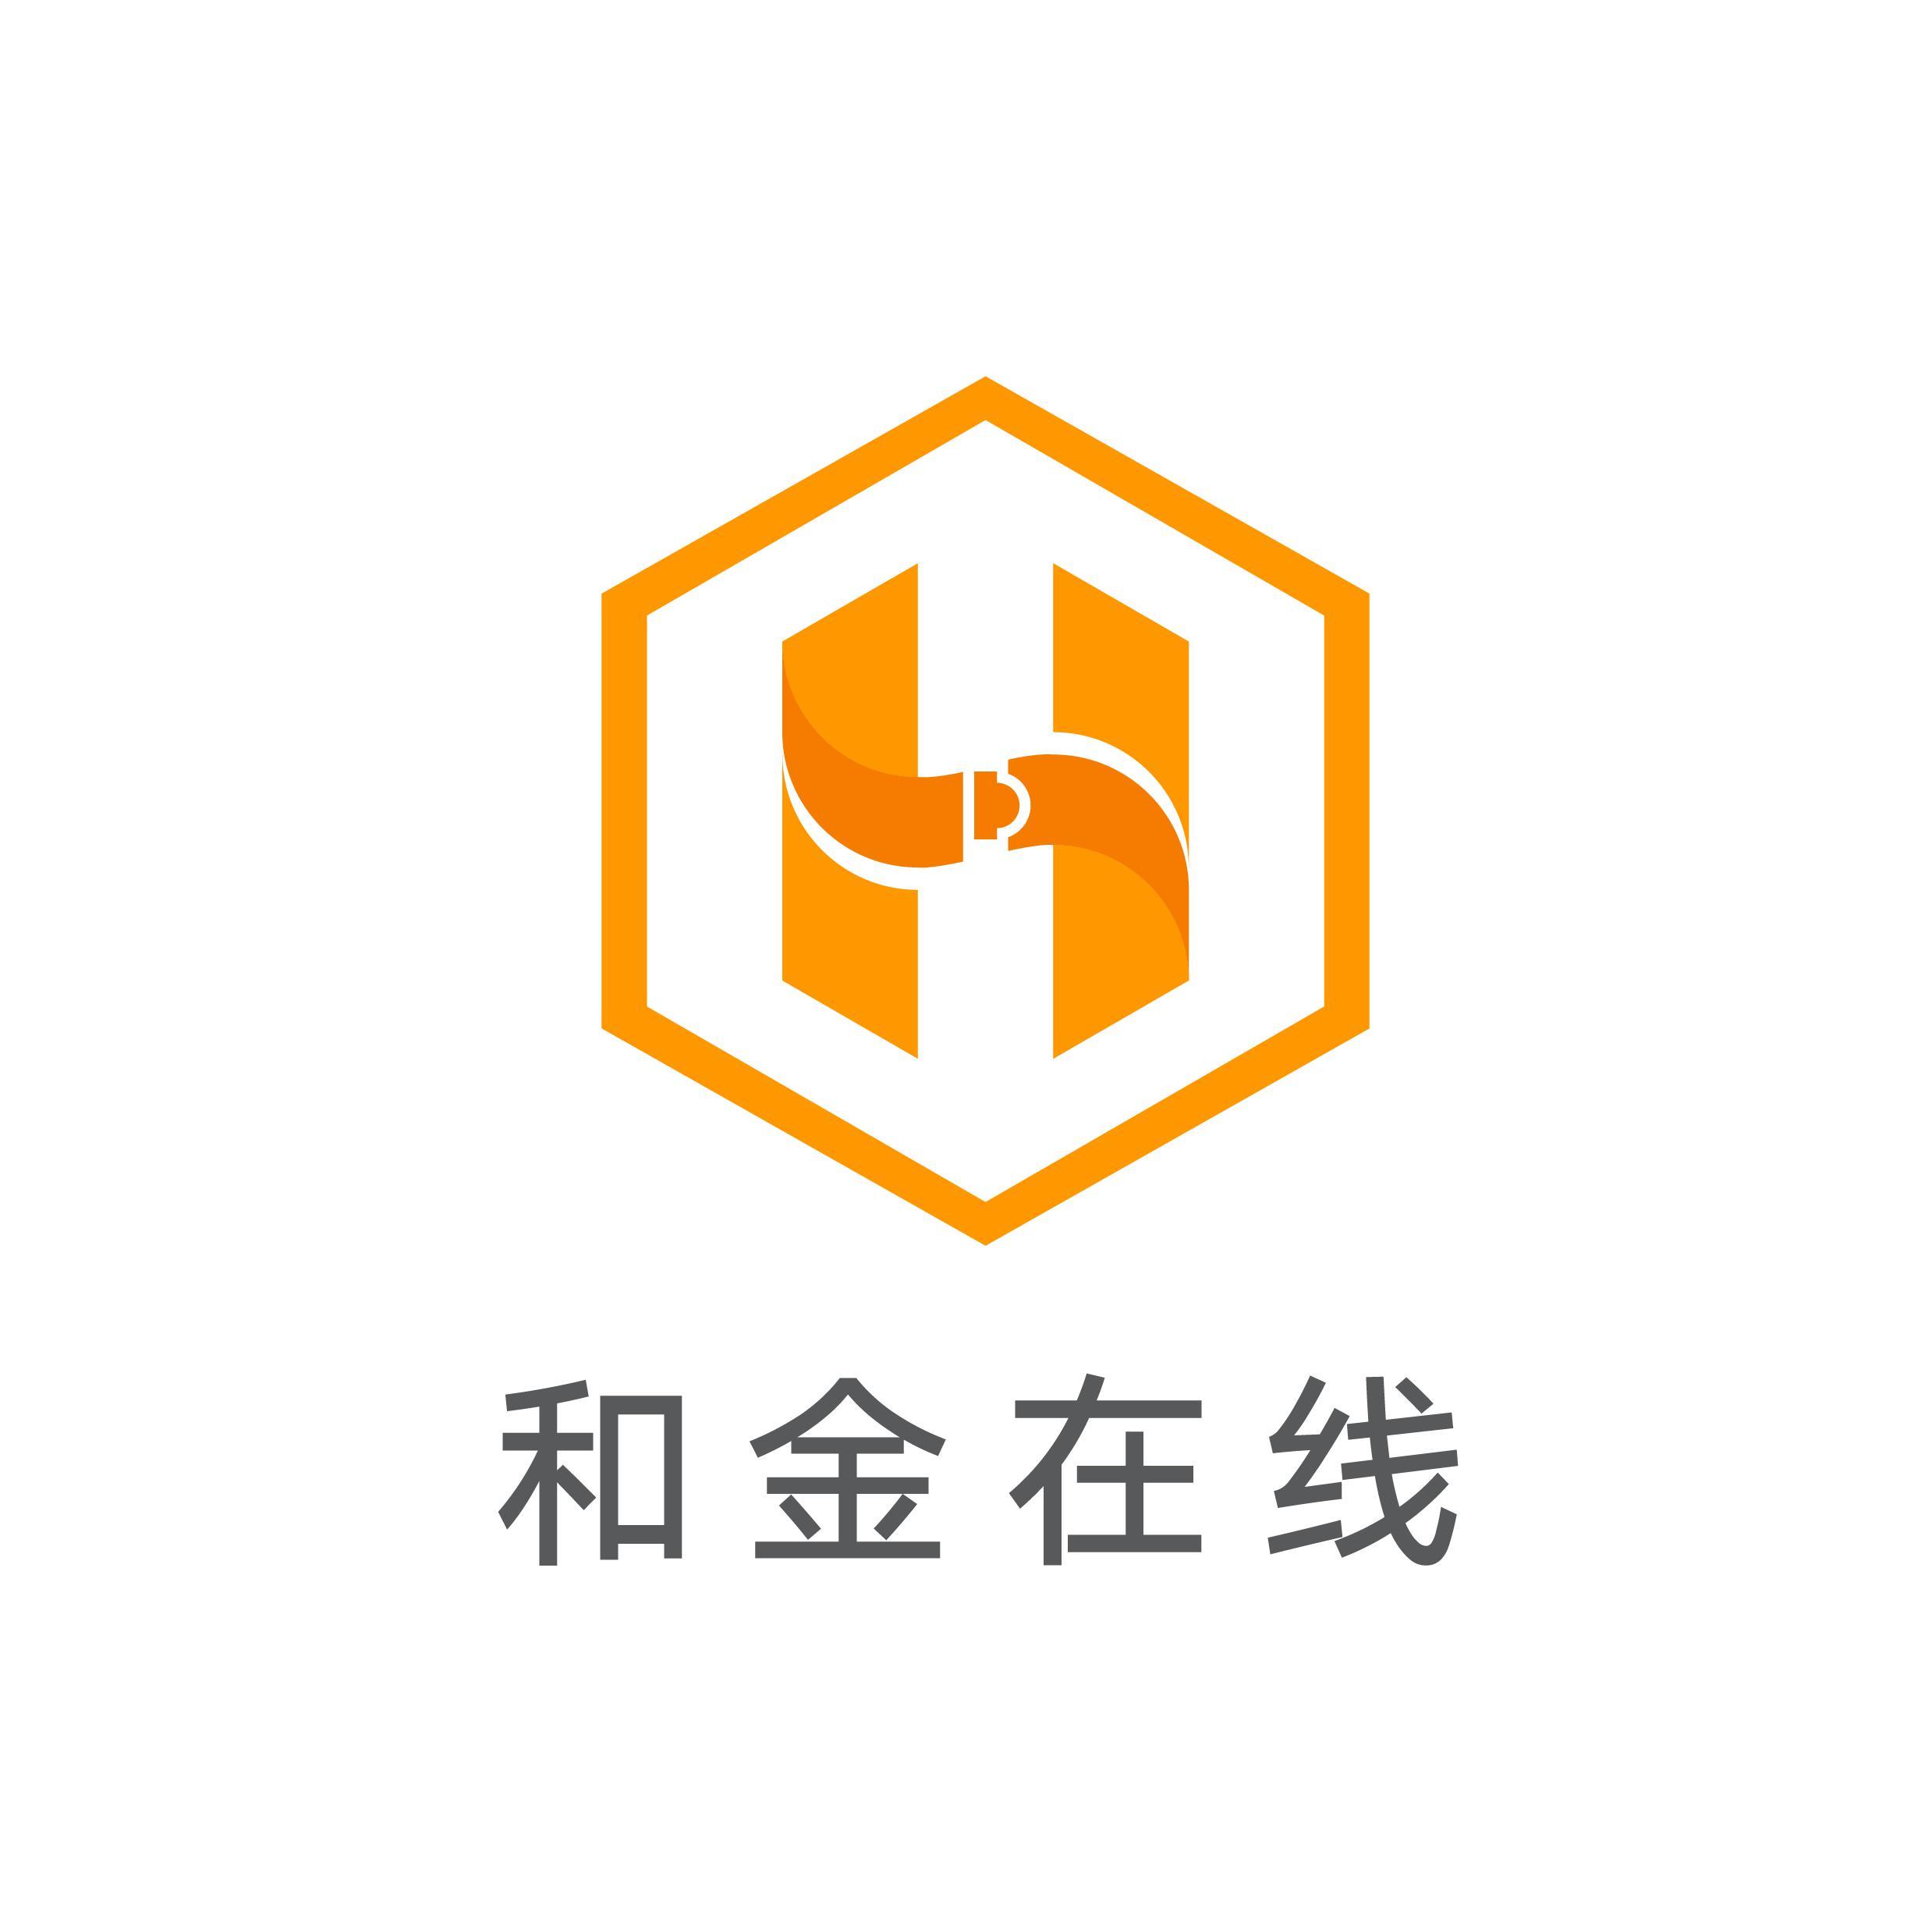 logo logo 标志 设计 矢量 矢量图 素材 图标 2477_2460